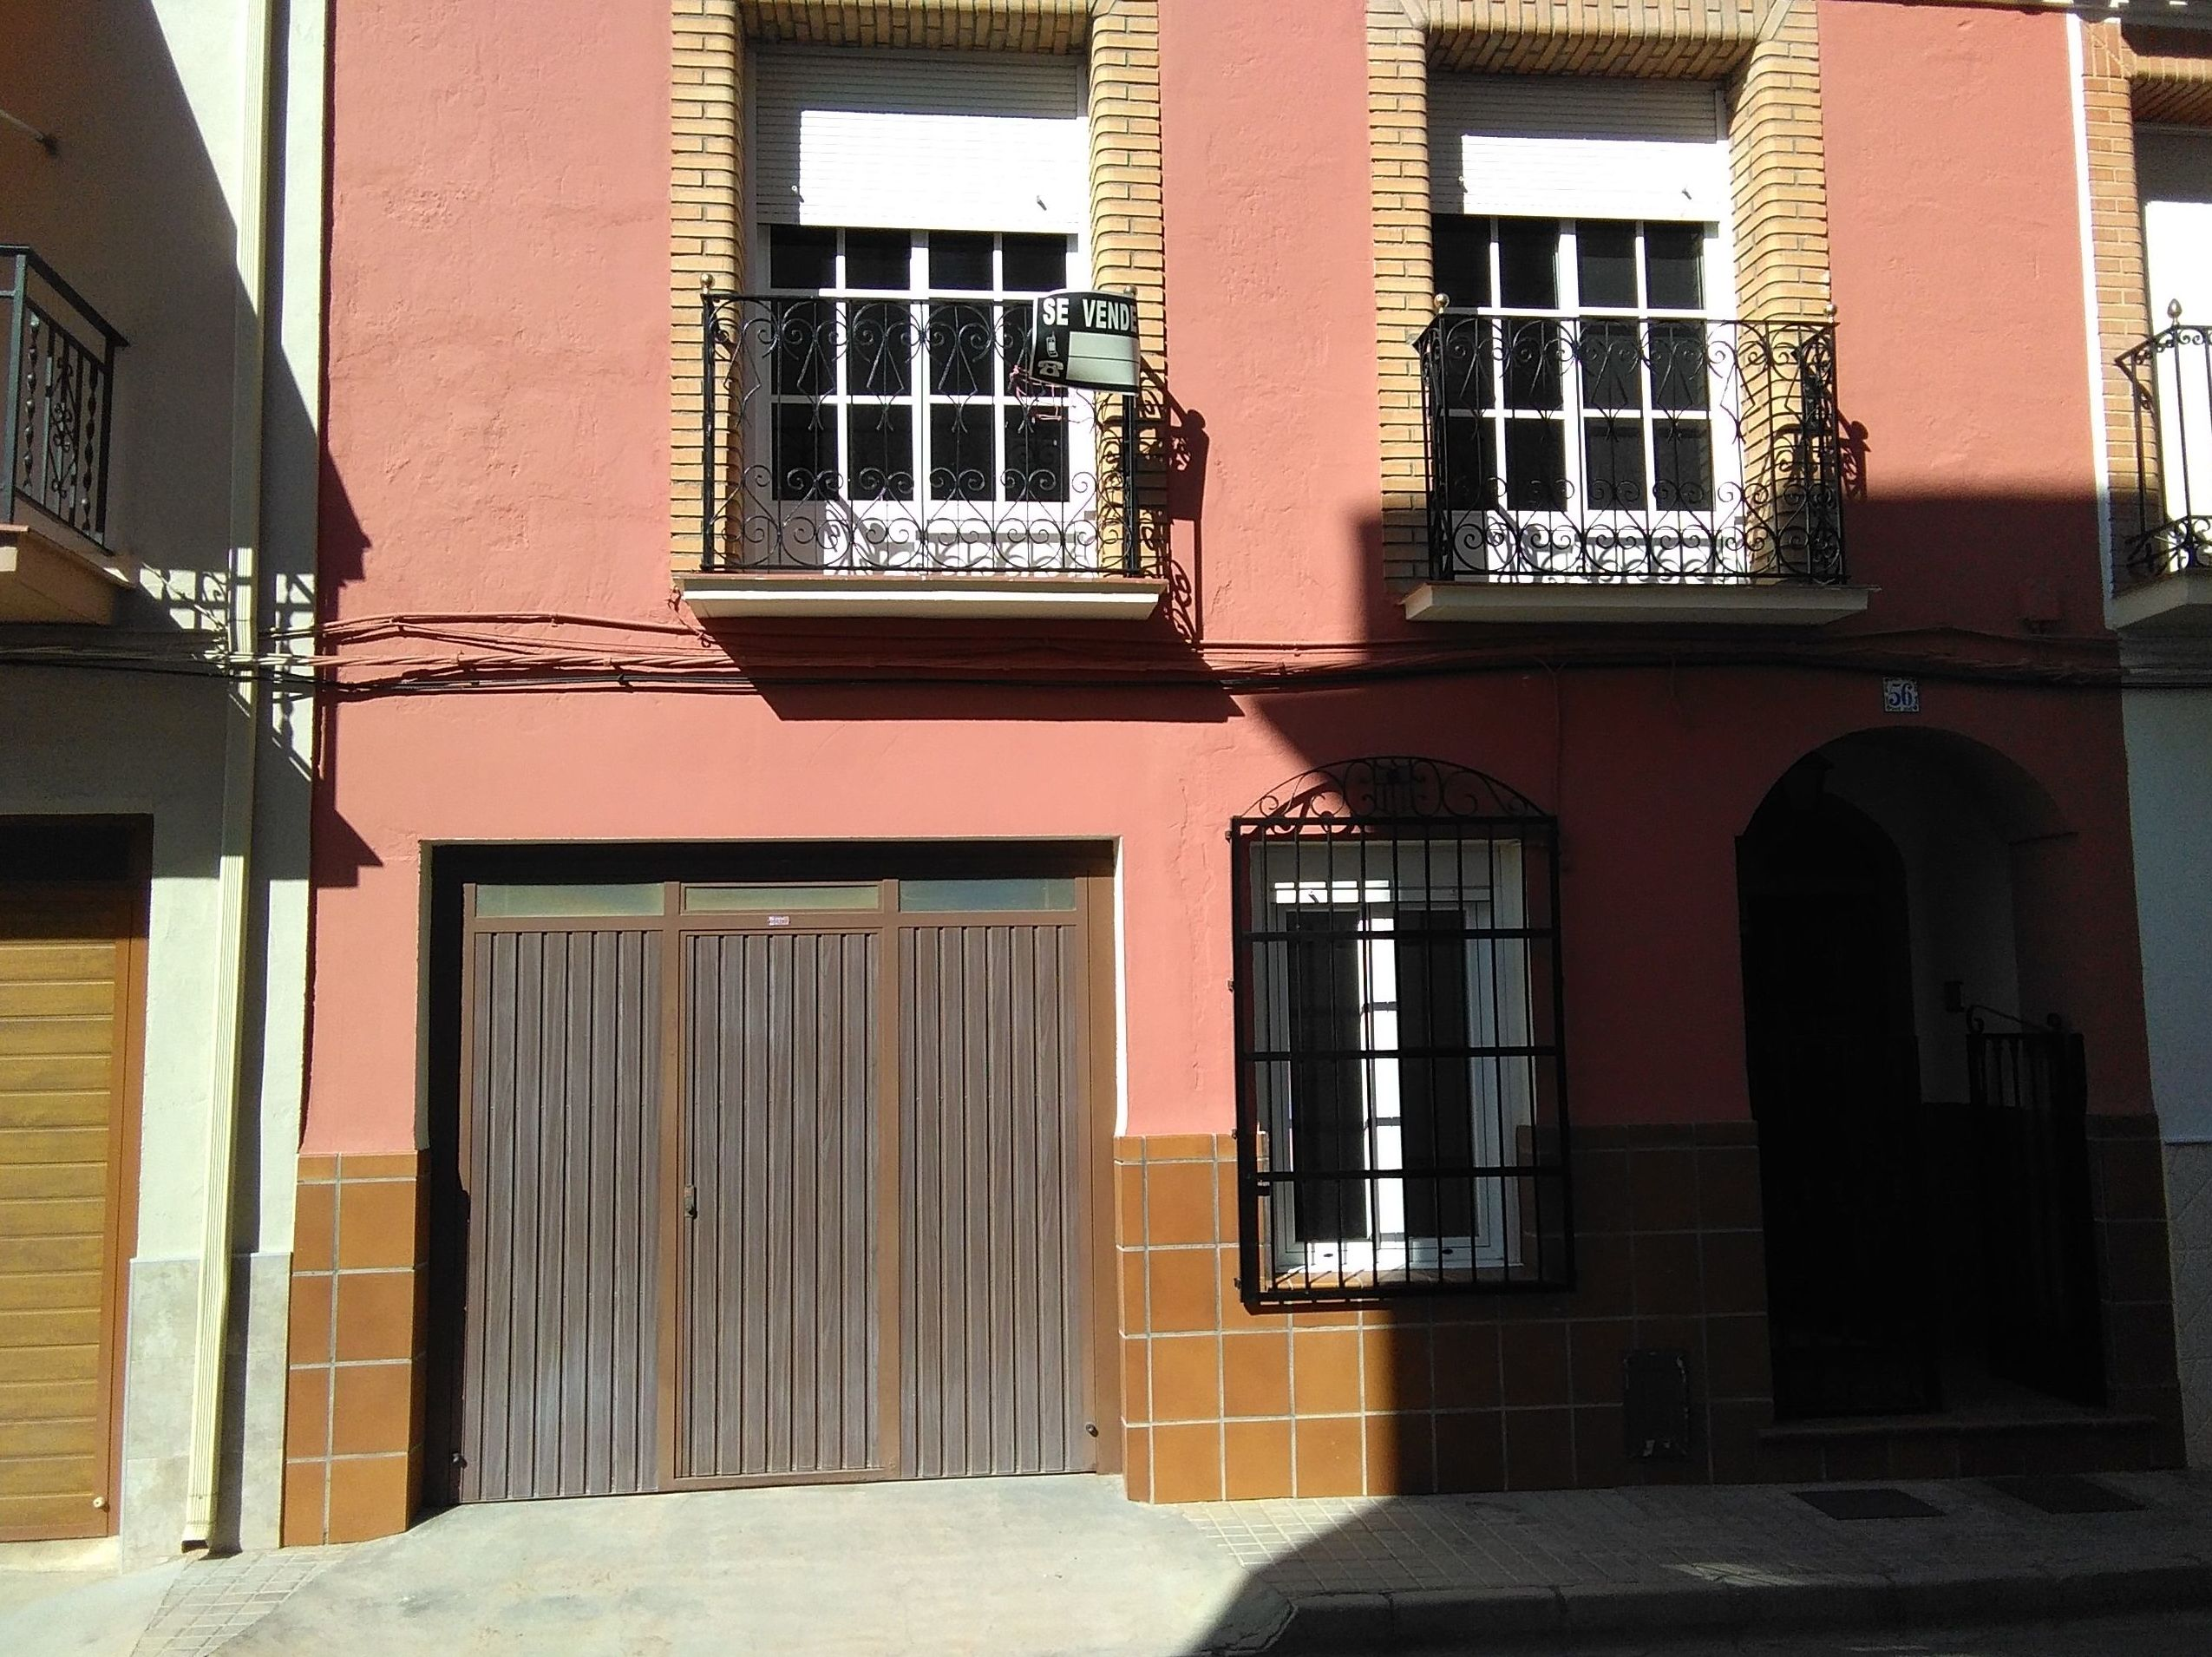 Foto 1 de Inmobiliarias en Herencia | ANTONIO ARAGONÉS DÍAZ PAVÓN